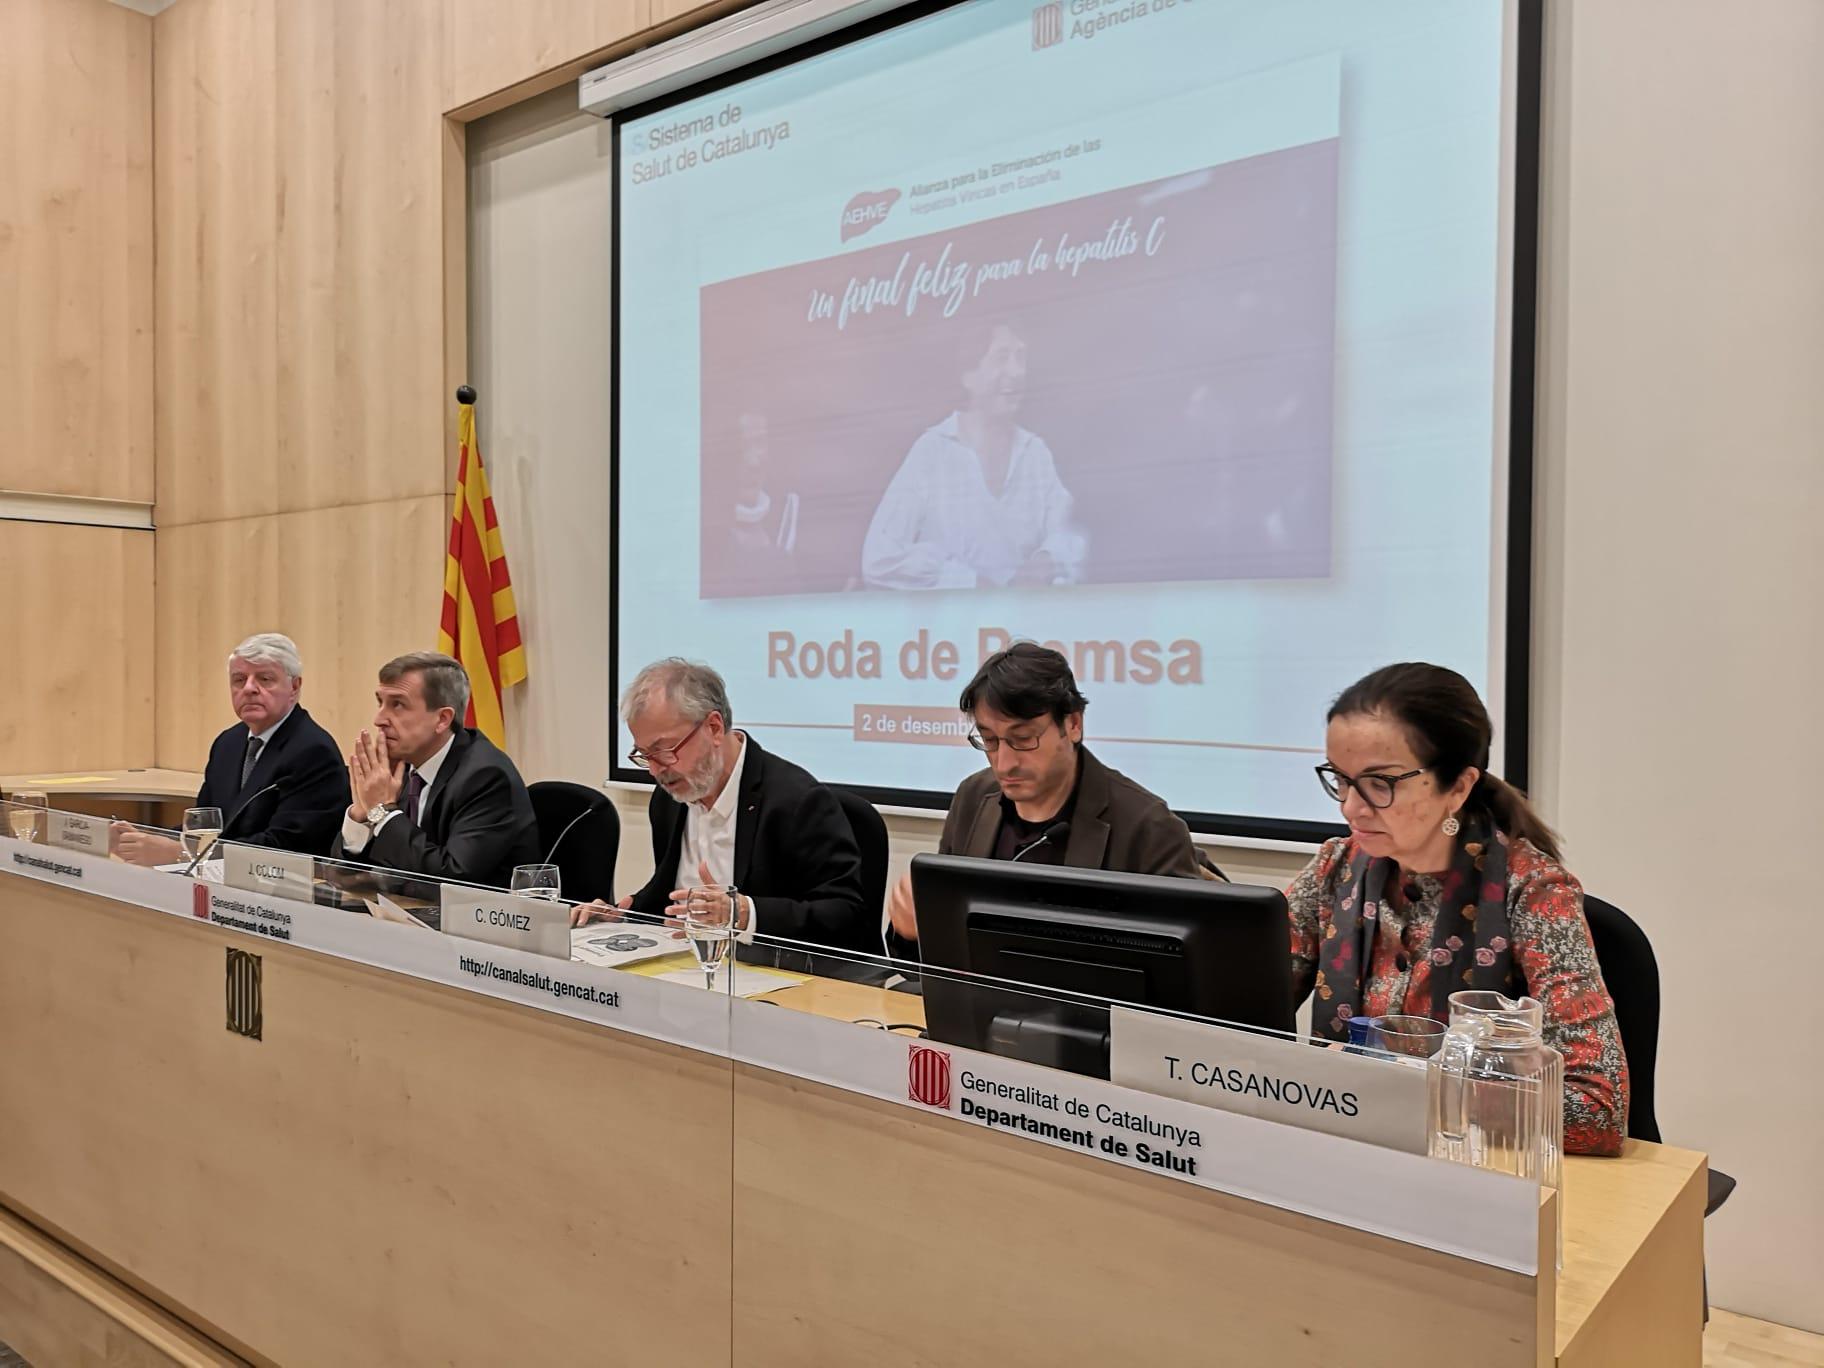 Llega a los cines de Cataluña, País Vasco, Andalucía, Baleares y Valencia el corto en el que el actor Carmelo Gómez, curado de hepatitis C, anima a hacerse la prueba si se ha estado en una situación de riesgo